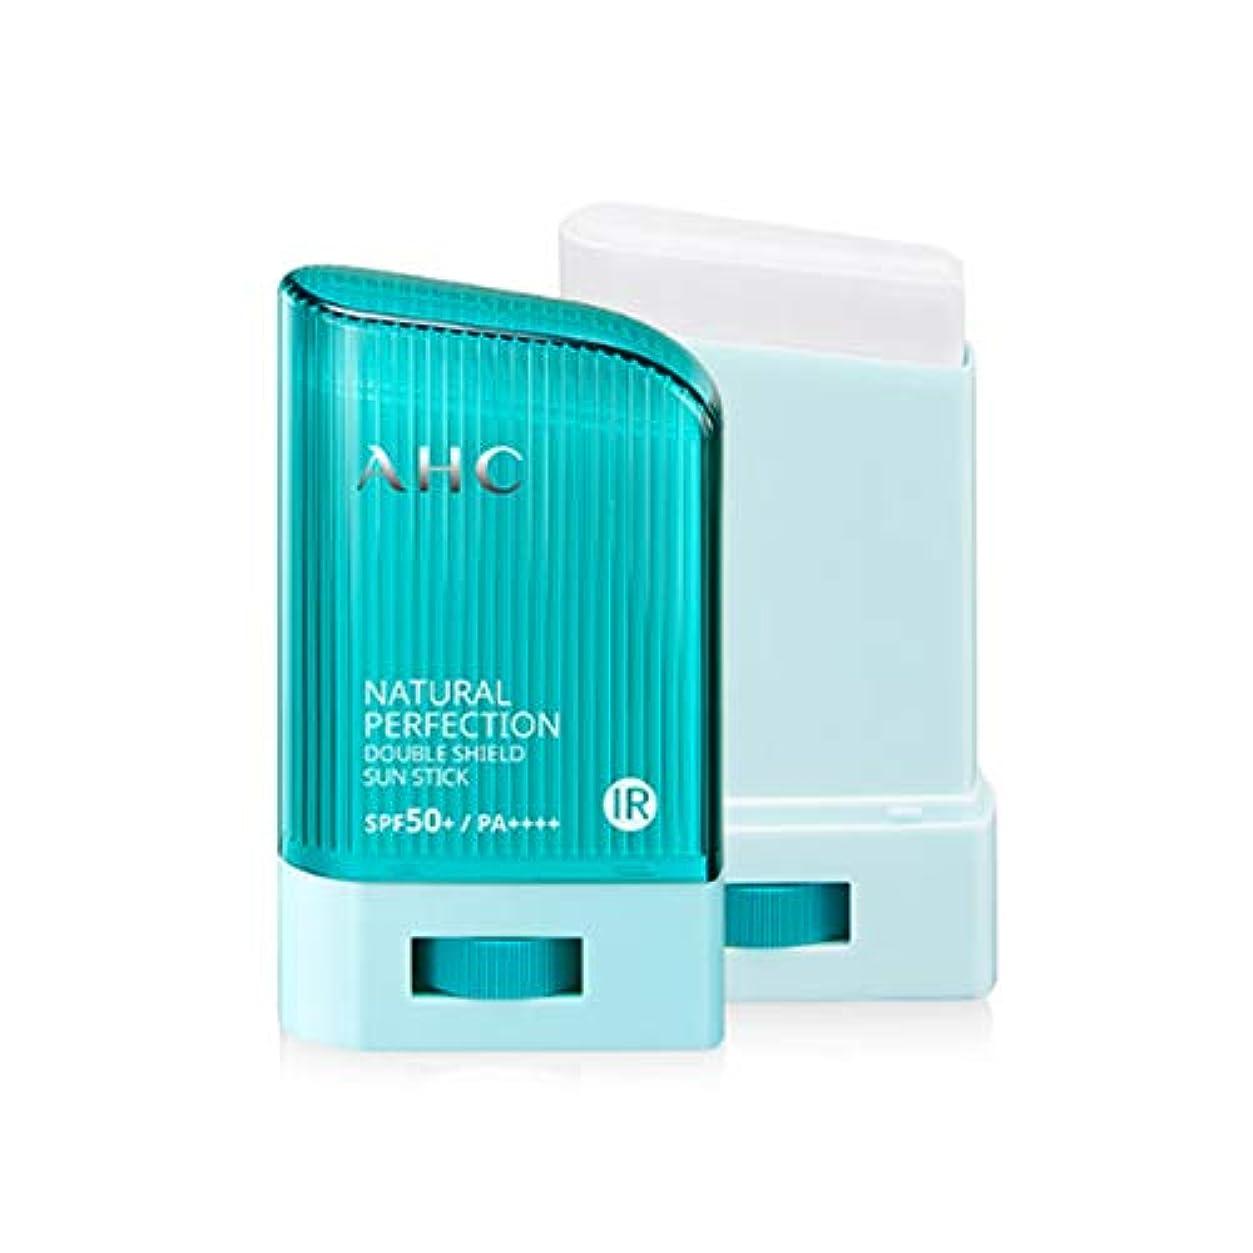 口述買い手コーンAHC ナチュラルパーフェクションダブルシールドサンスティック ブルー Natural Perfection Double Shield Sun Stick BLUE [並行輸入品] (22g)